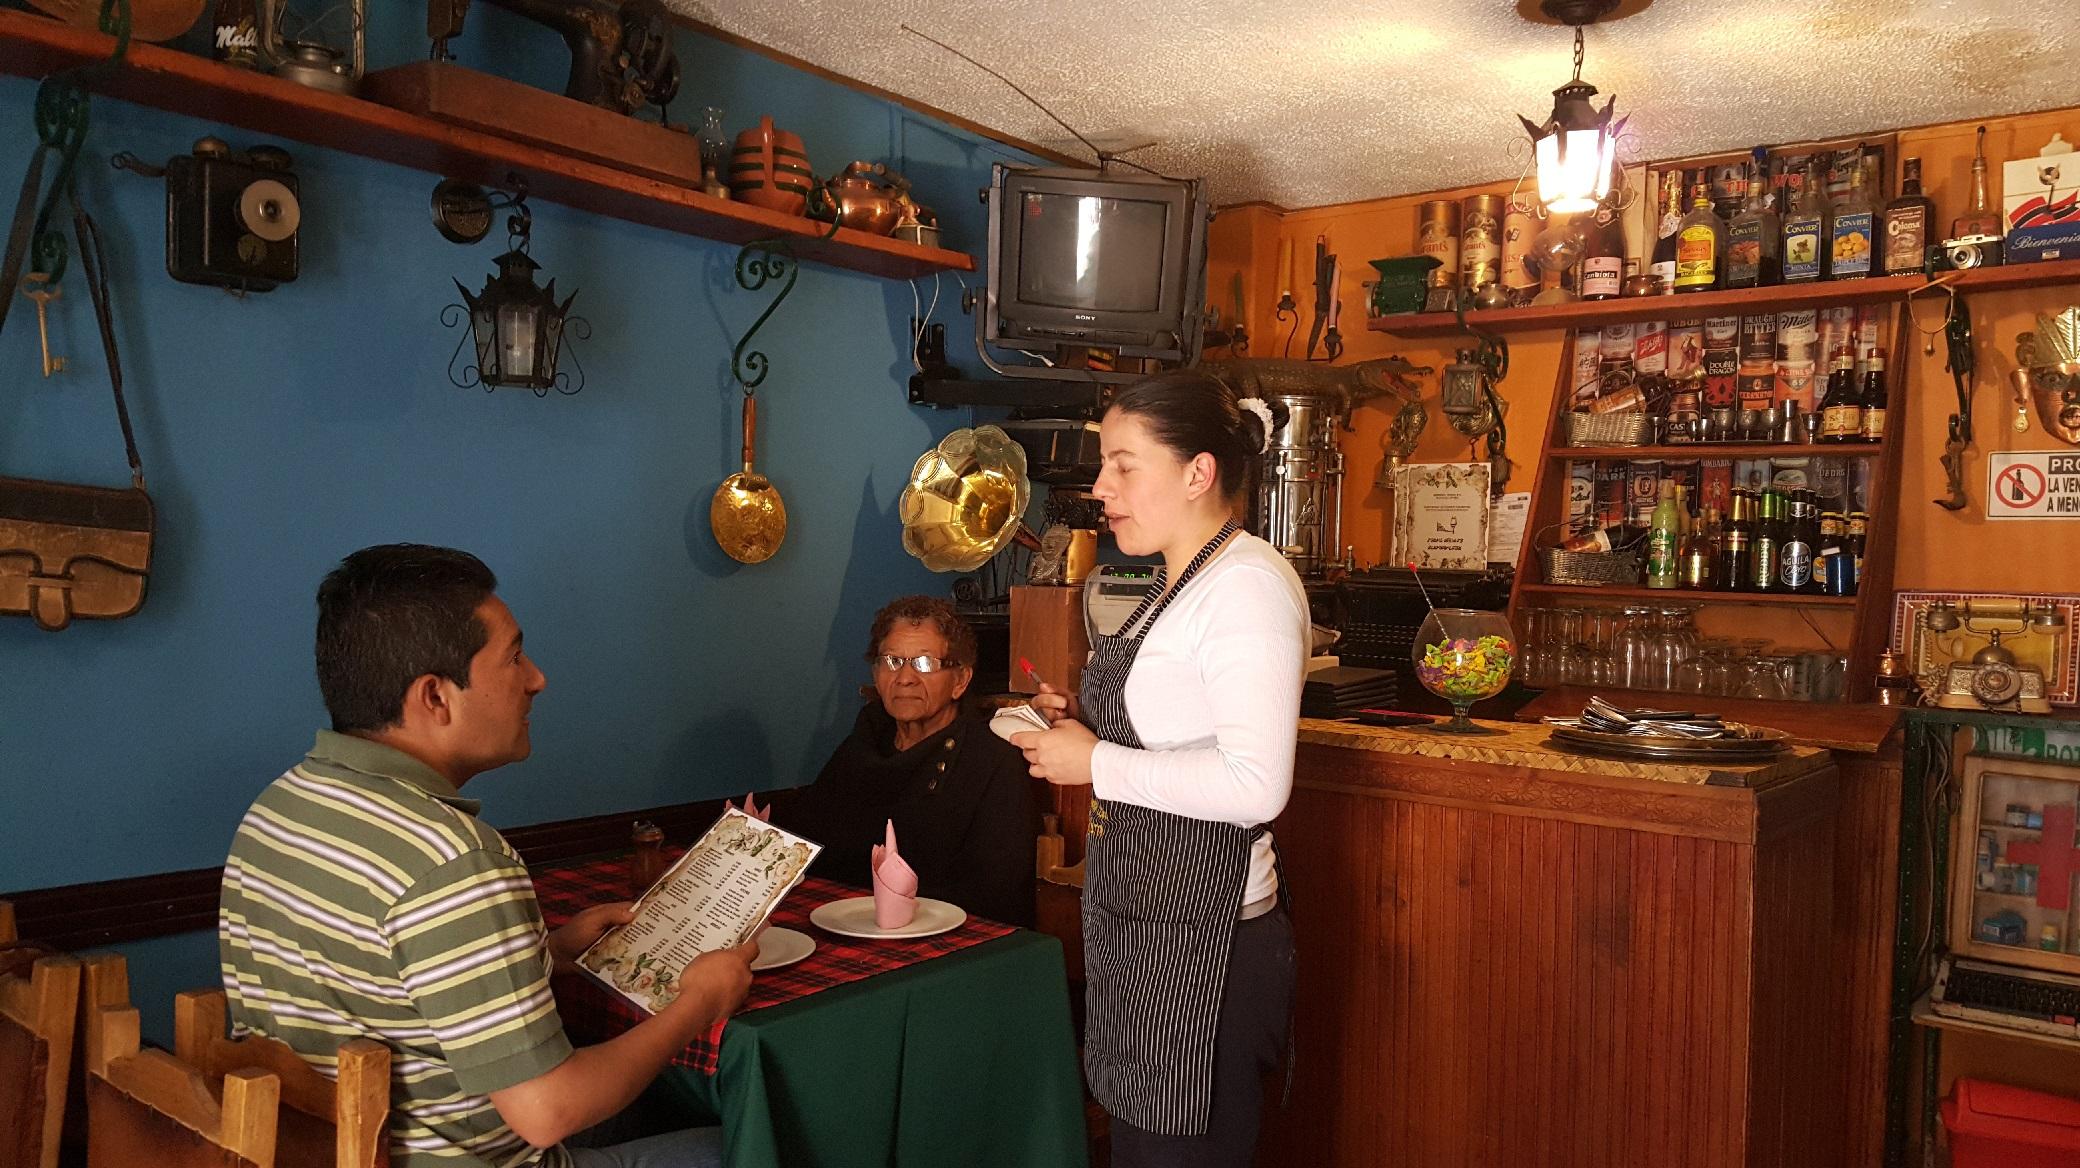 De Carolina García siempre recibirá la mejor atención y orientación del menú